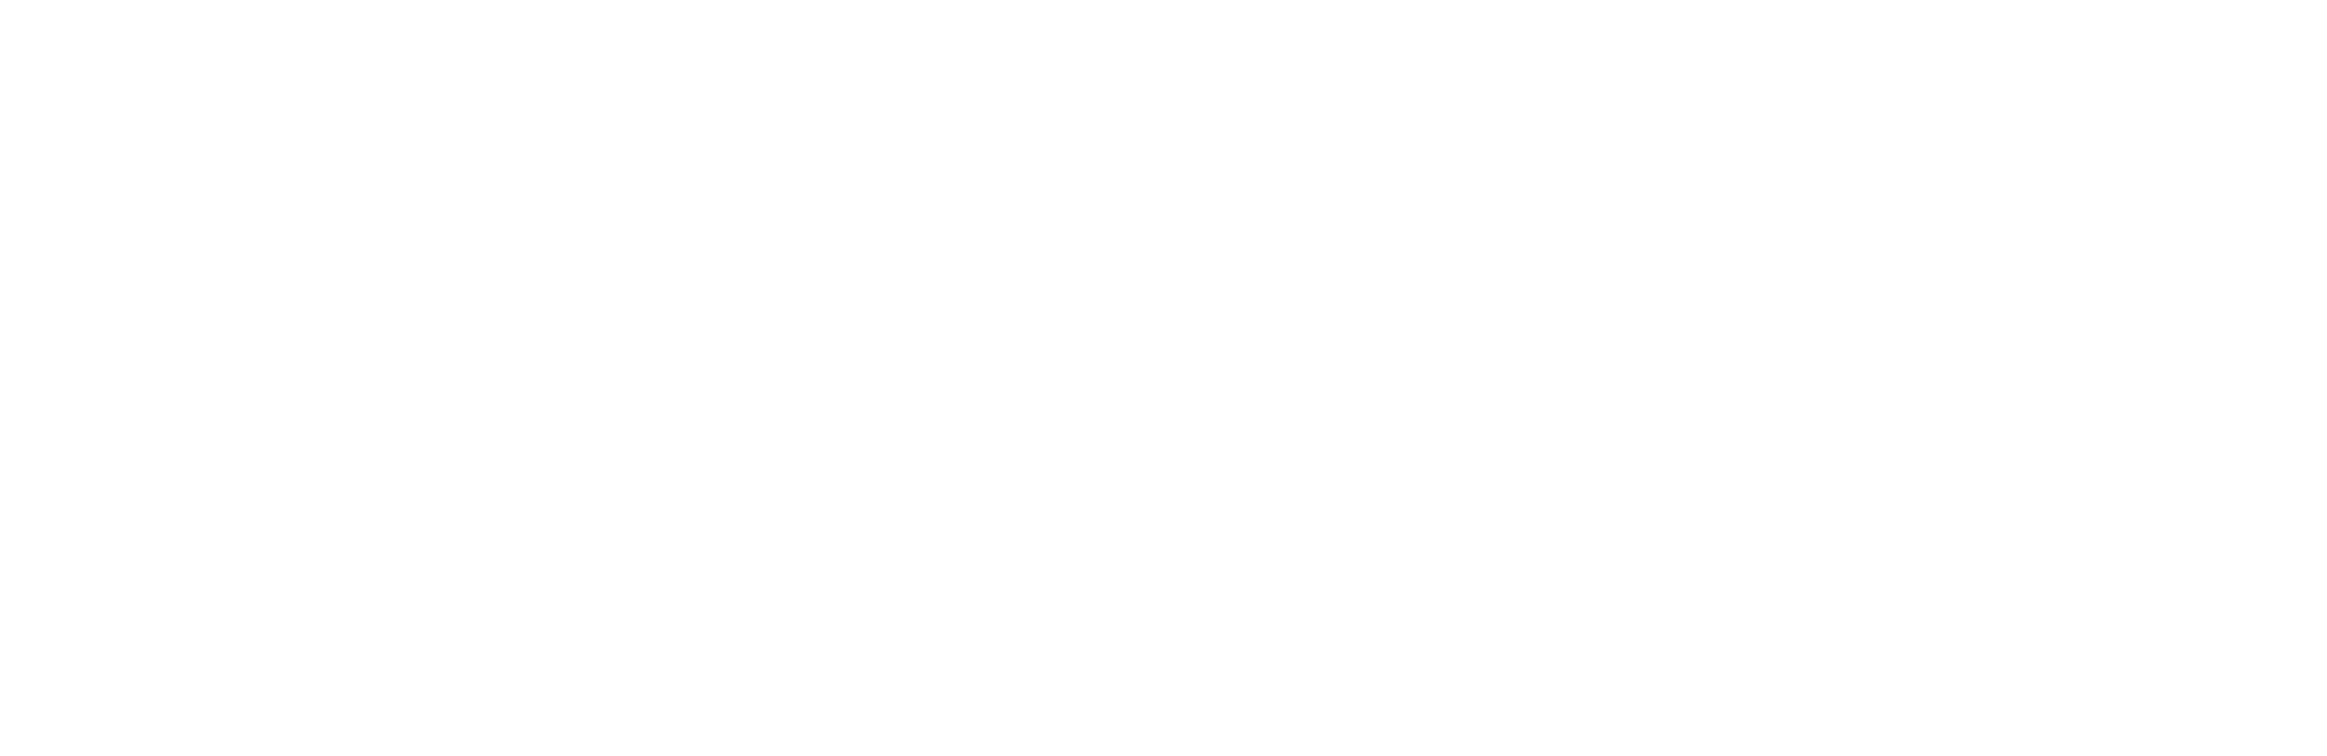 Kinahan's Brand